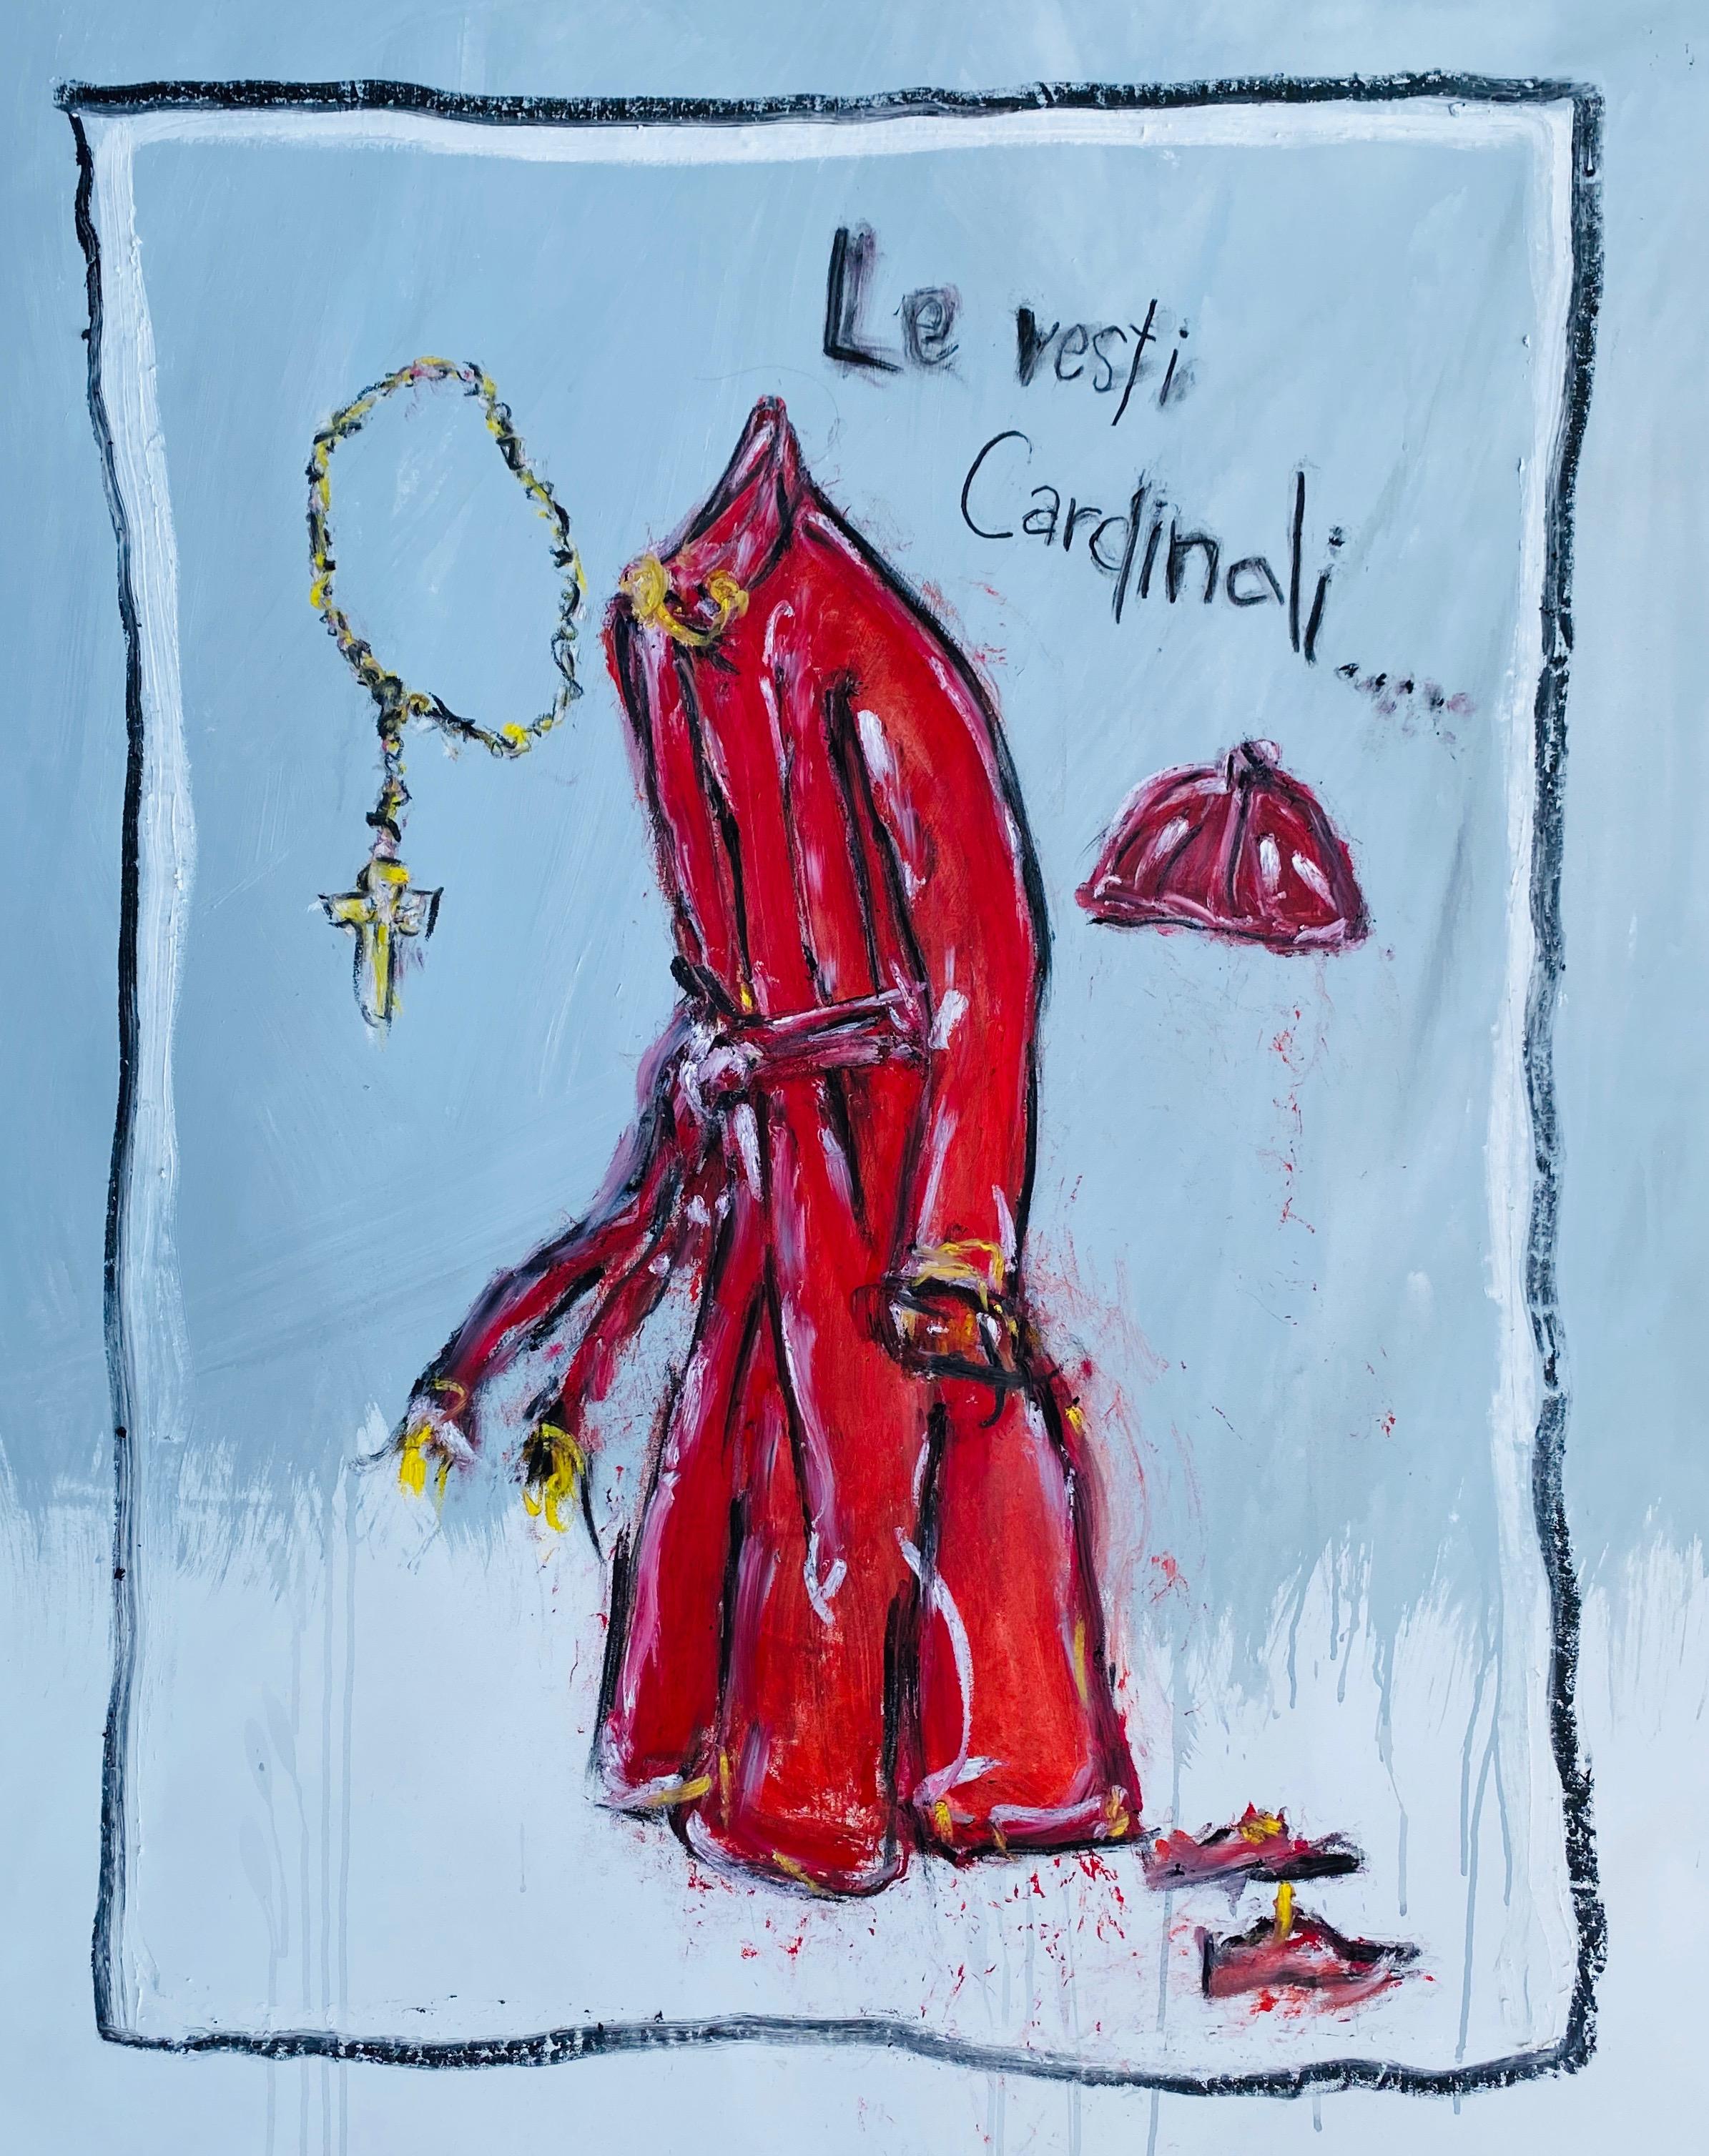 Le Vesti Cardinal Jpg